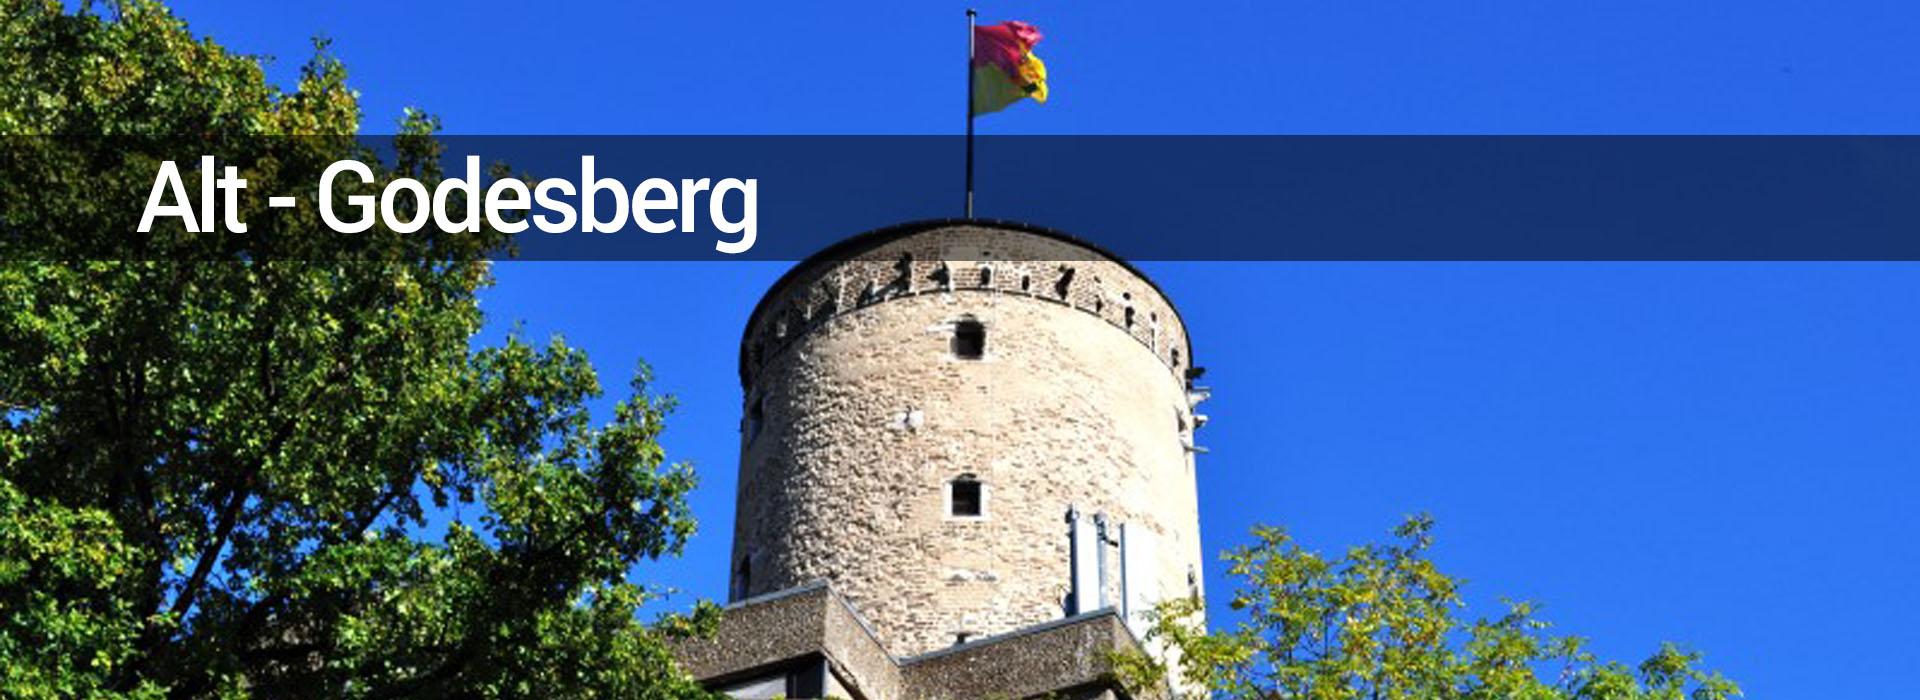 alt-godesberg-header